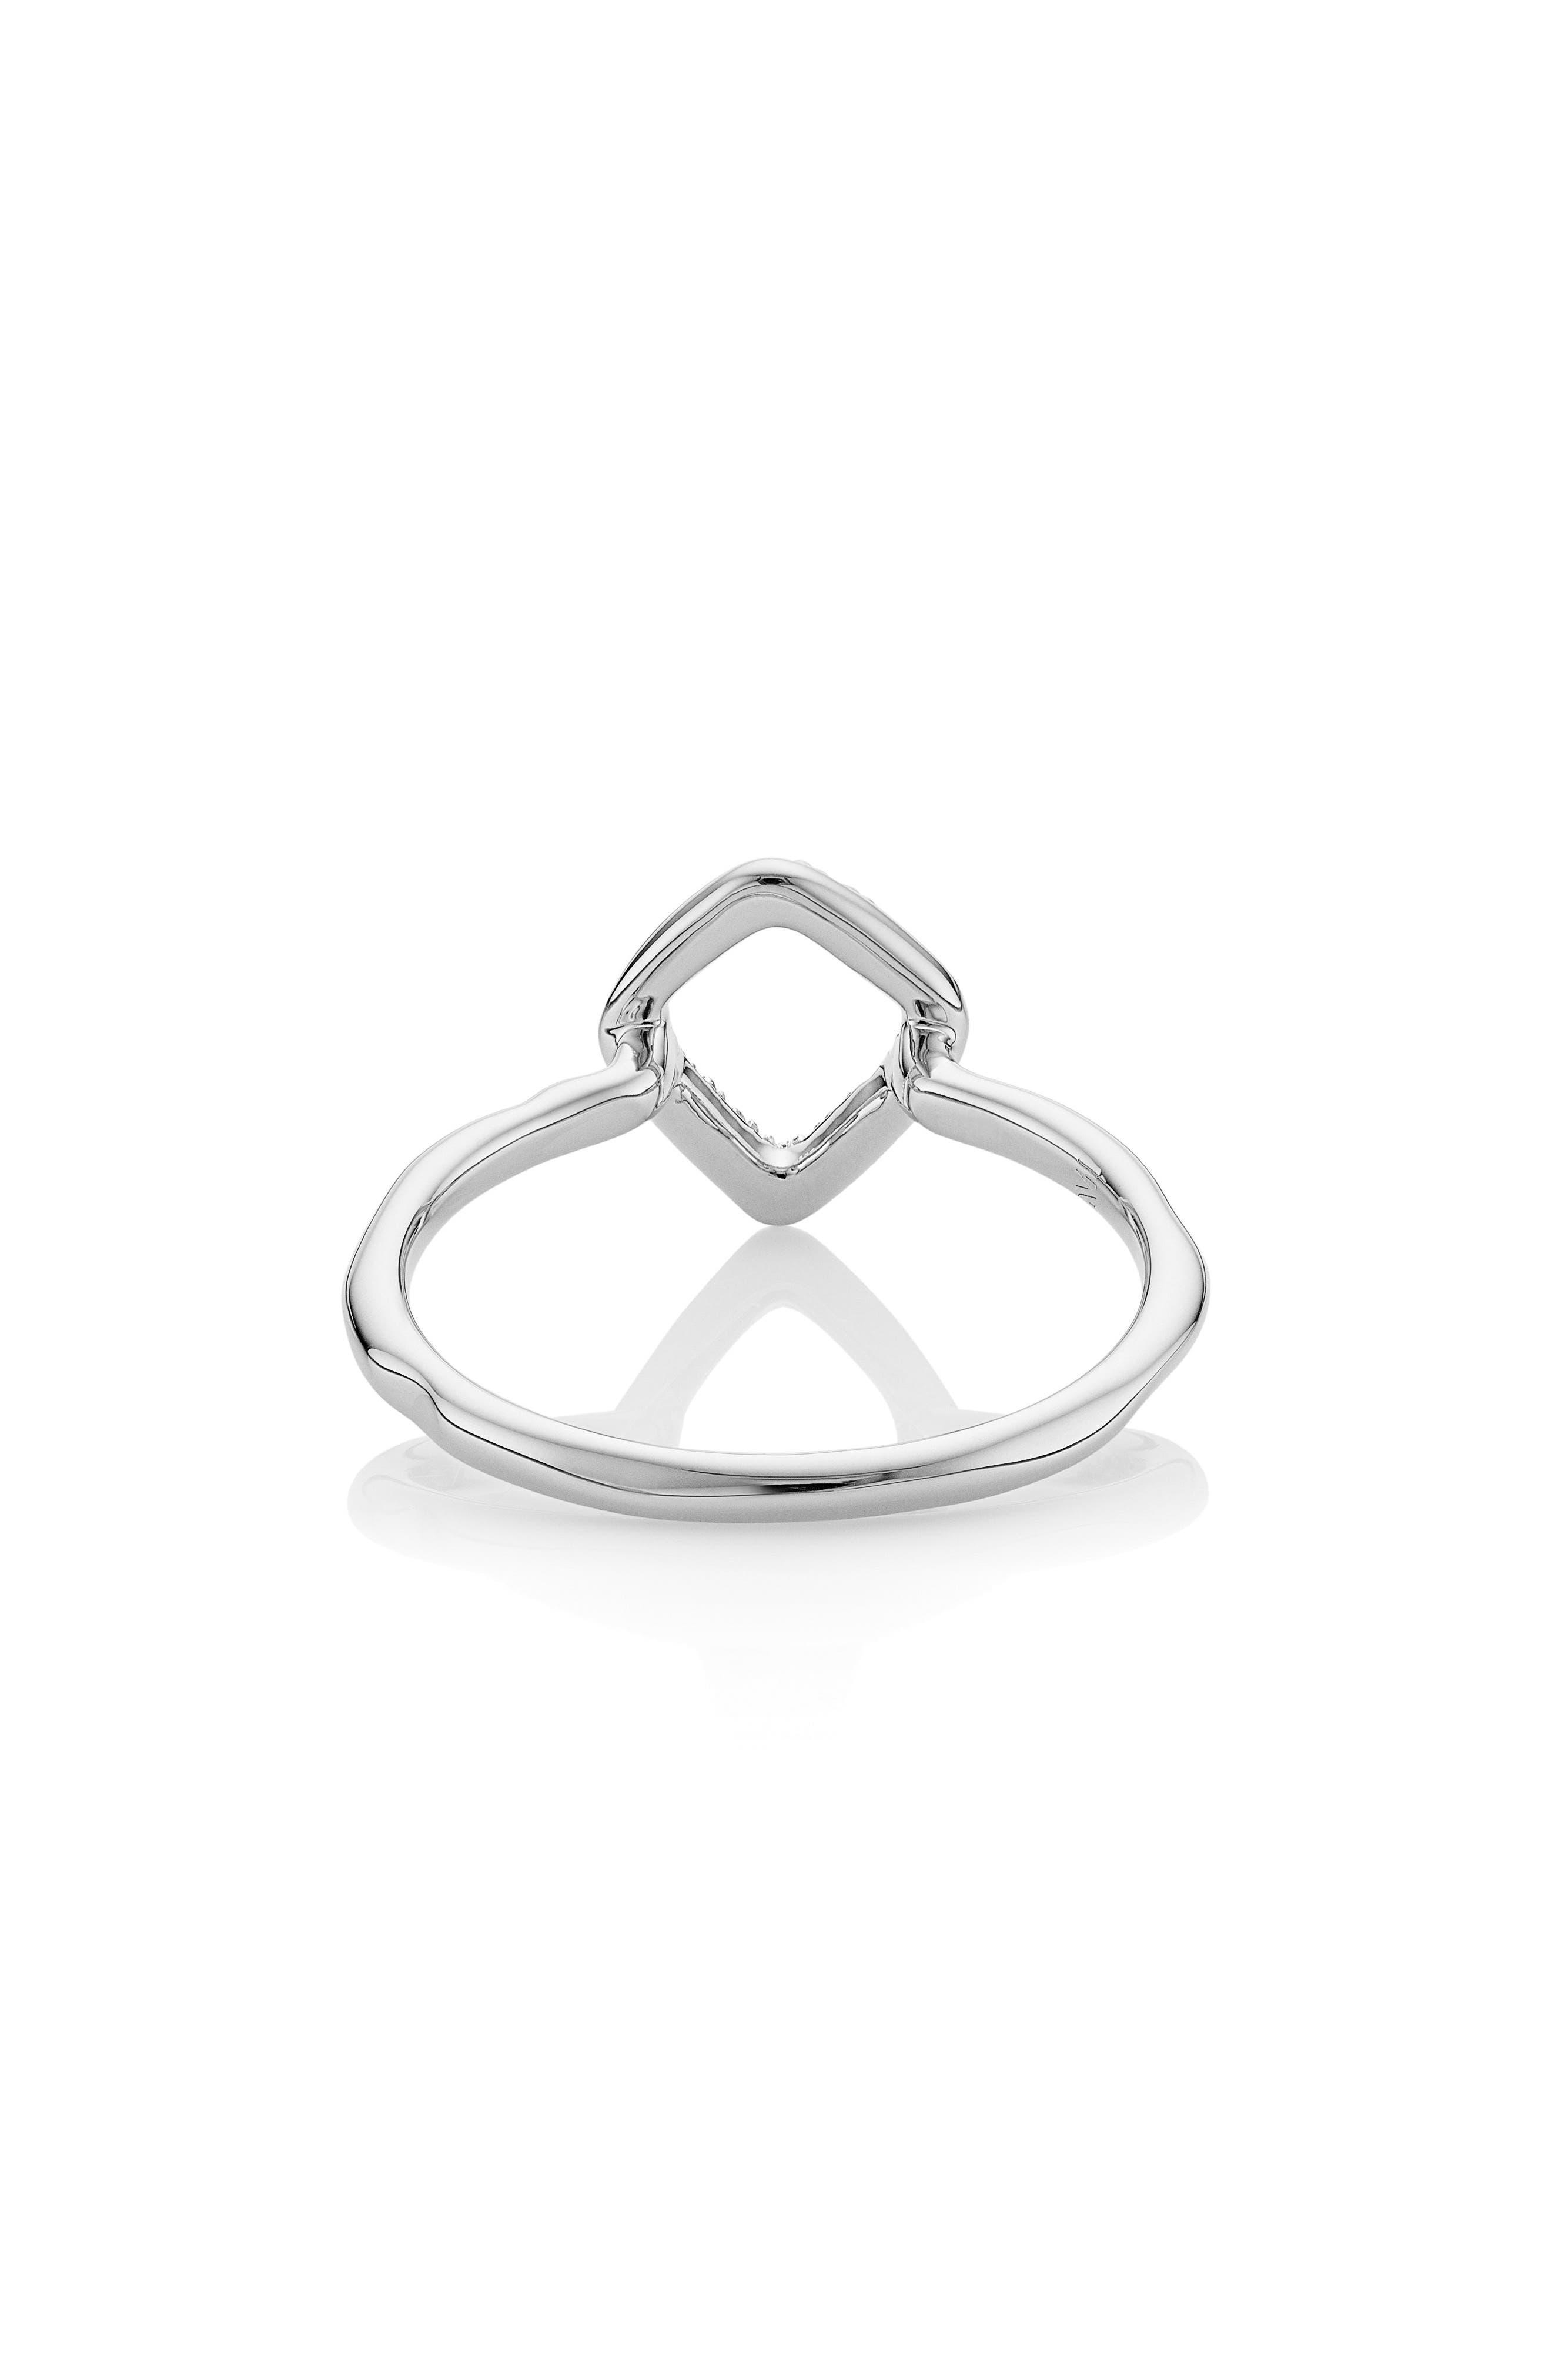 Riva Mini Kite Diamond Stacking Ring,                             Alternate thumbnail 2, color,                             SILVER